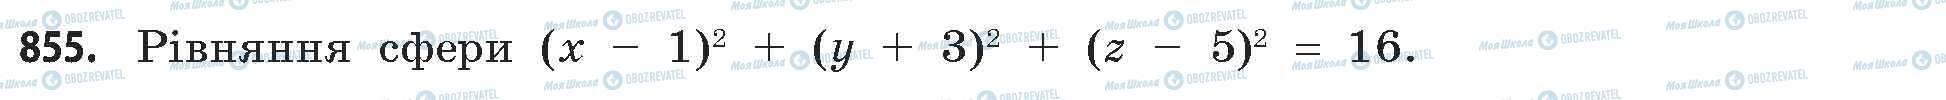 ГДЗ Математика 11 класс страница 855